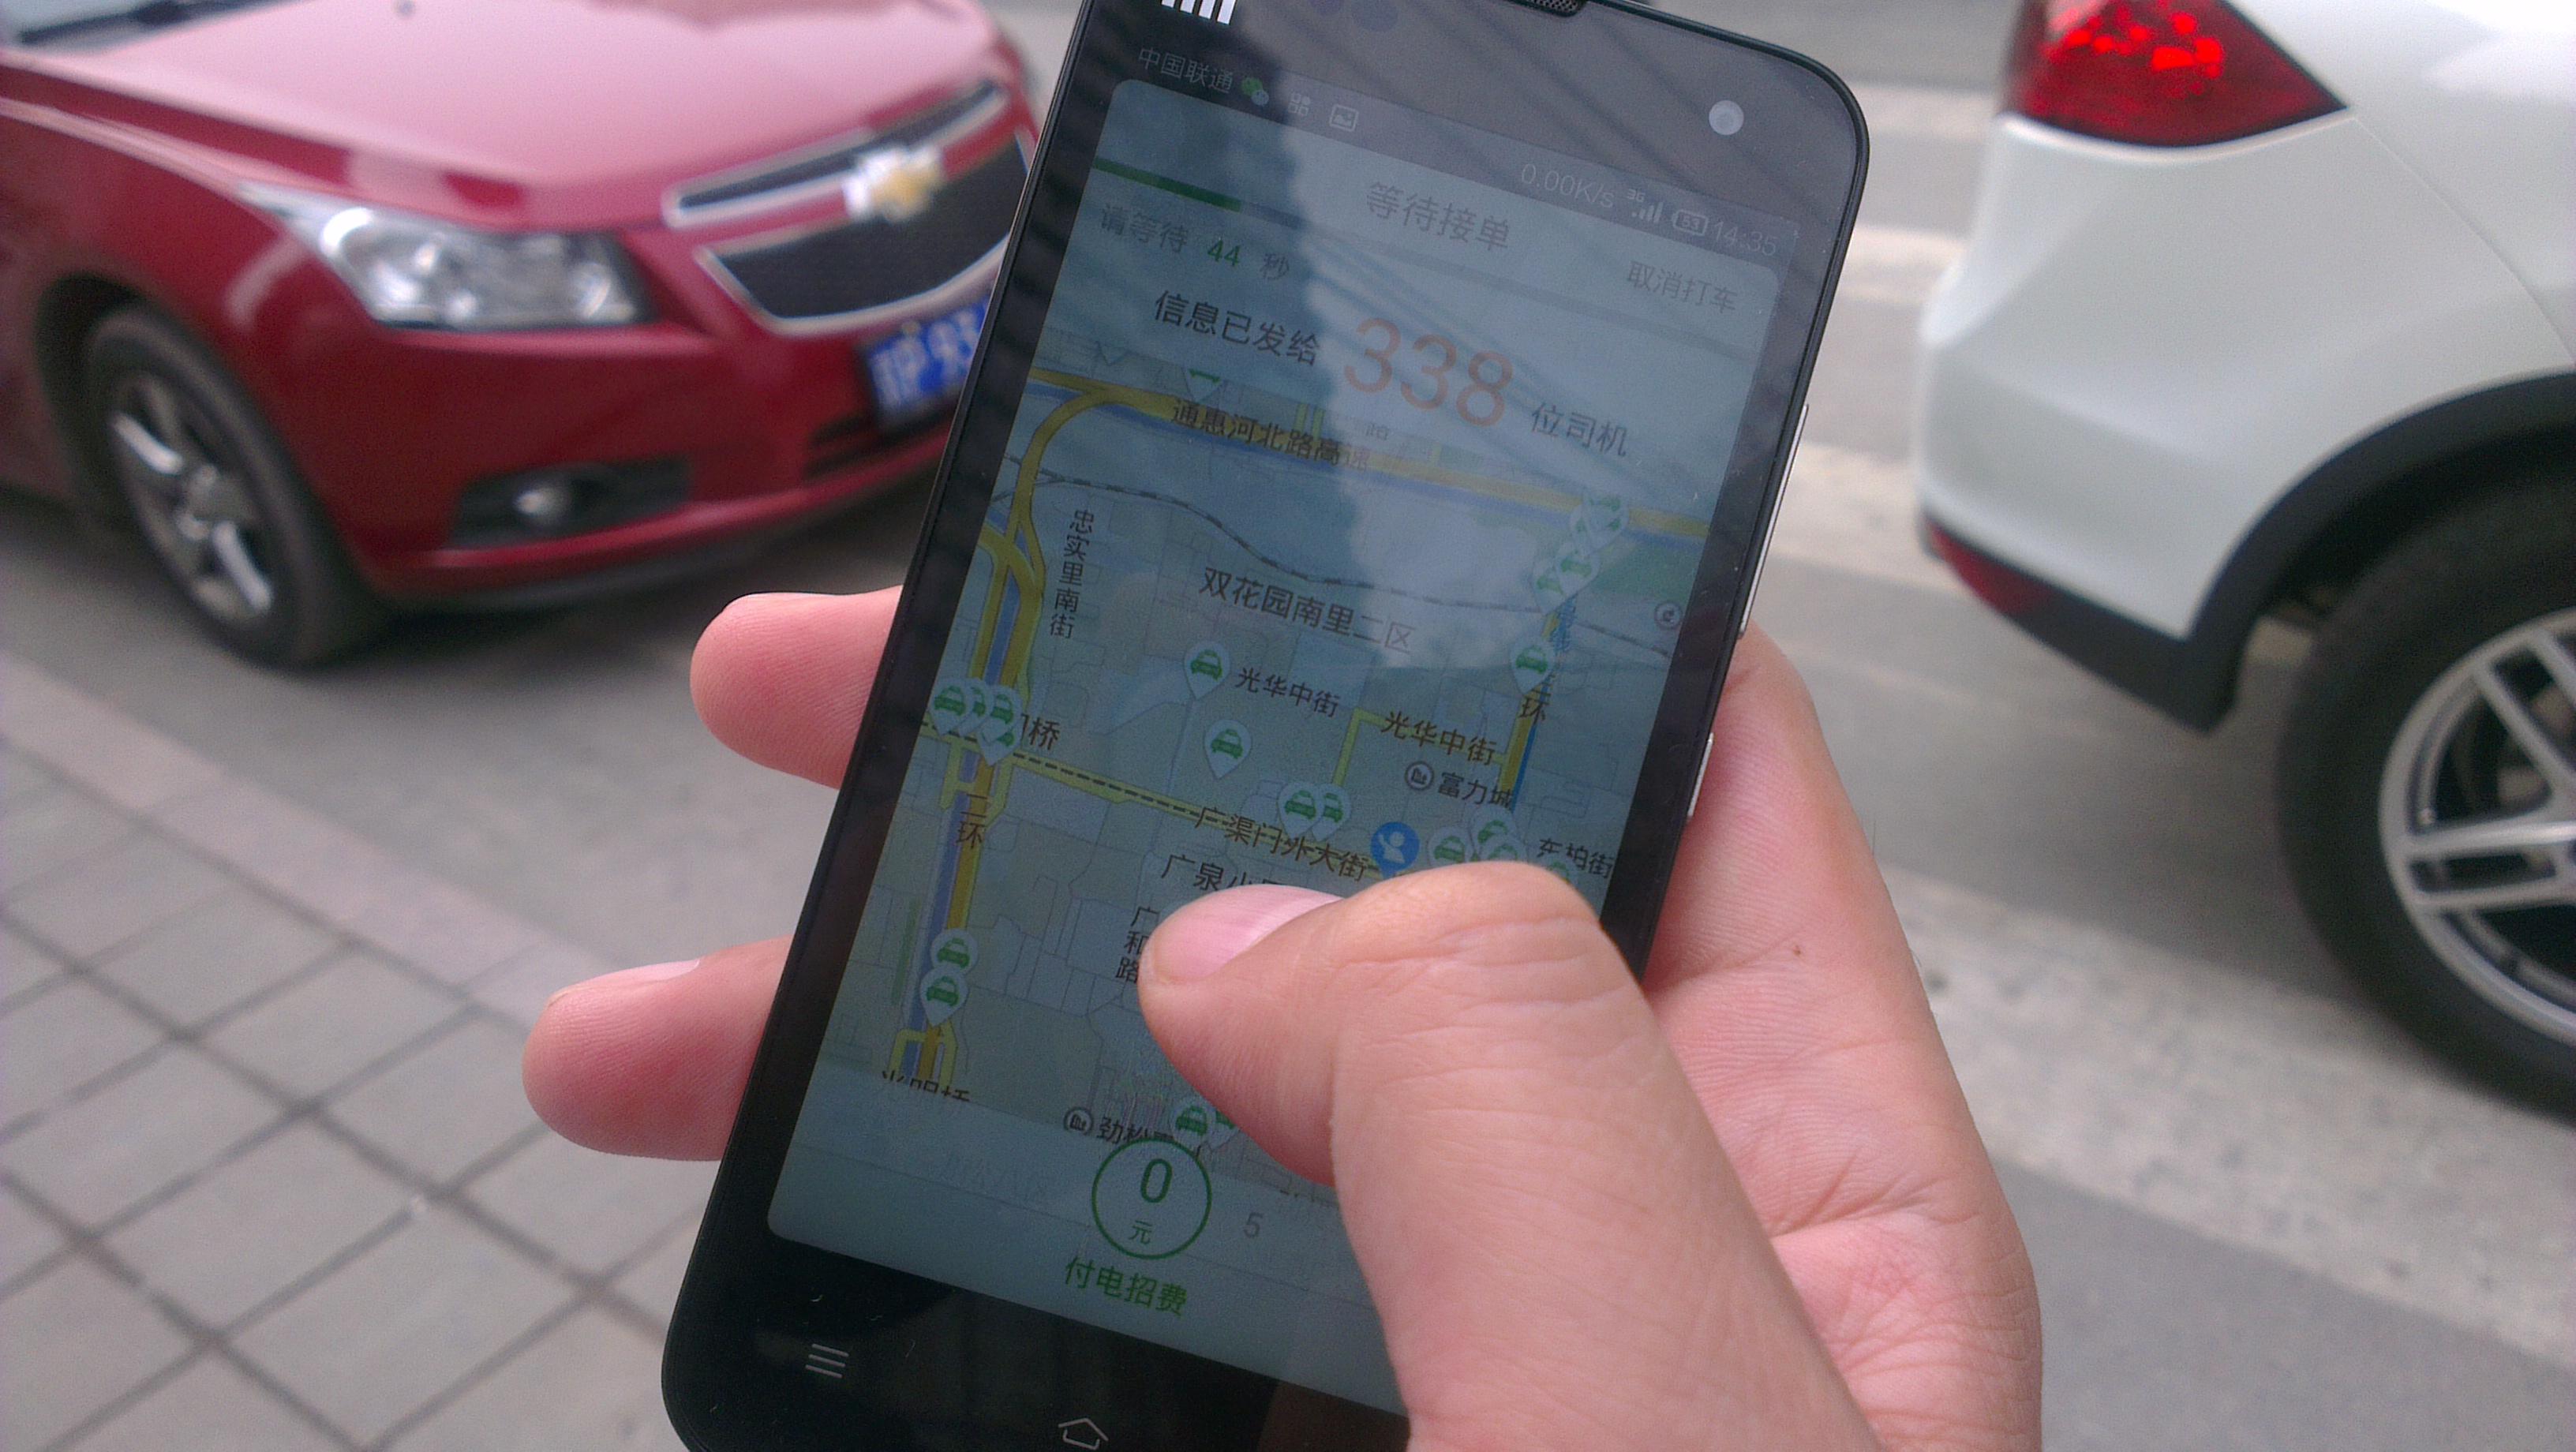 02携帯で現在地と目的地を入力すると、338のタクシーに情報が届けられた